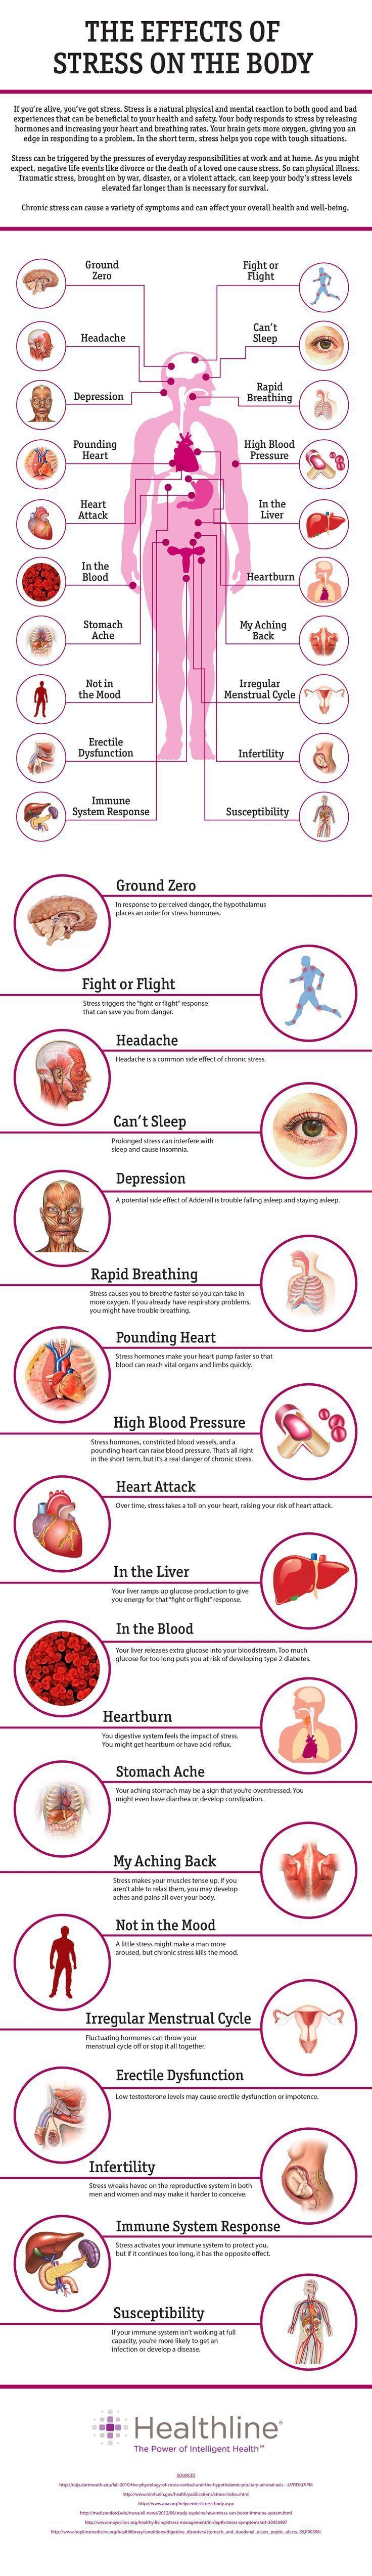 20 Effects Of Stress On The Body=> www.healthline.co/... #stress: http://www.healthline.co/m/health/stress/effects-on-body?utm_content=buffer78da0&utm_medium=social&utm_source=pinterest.com&utm_campaign=buffer